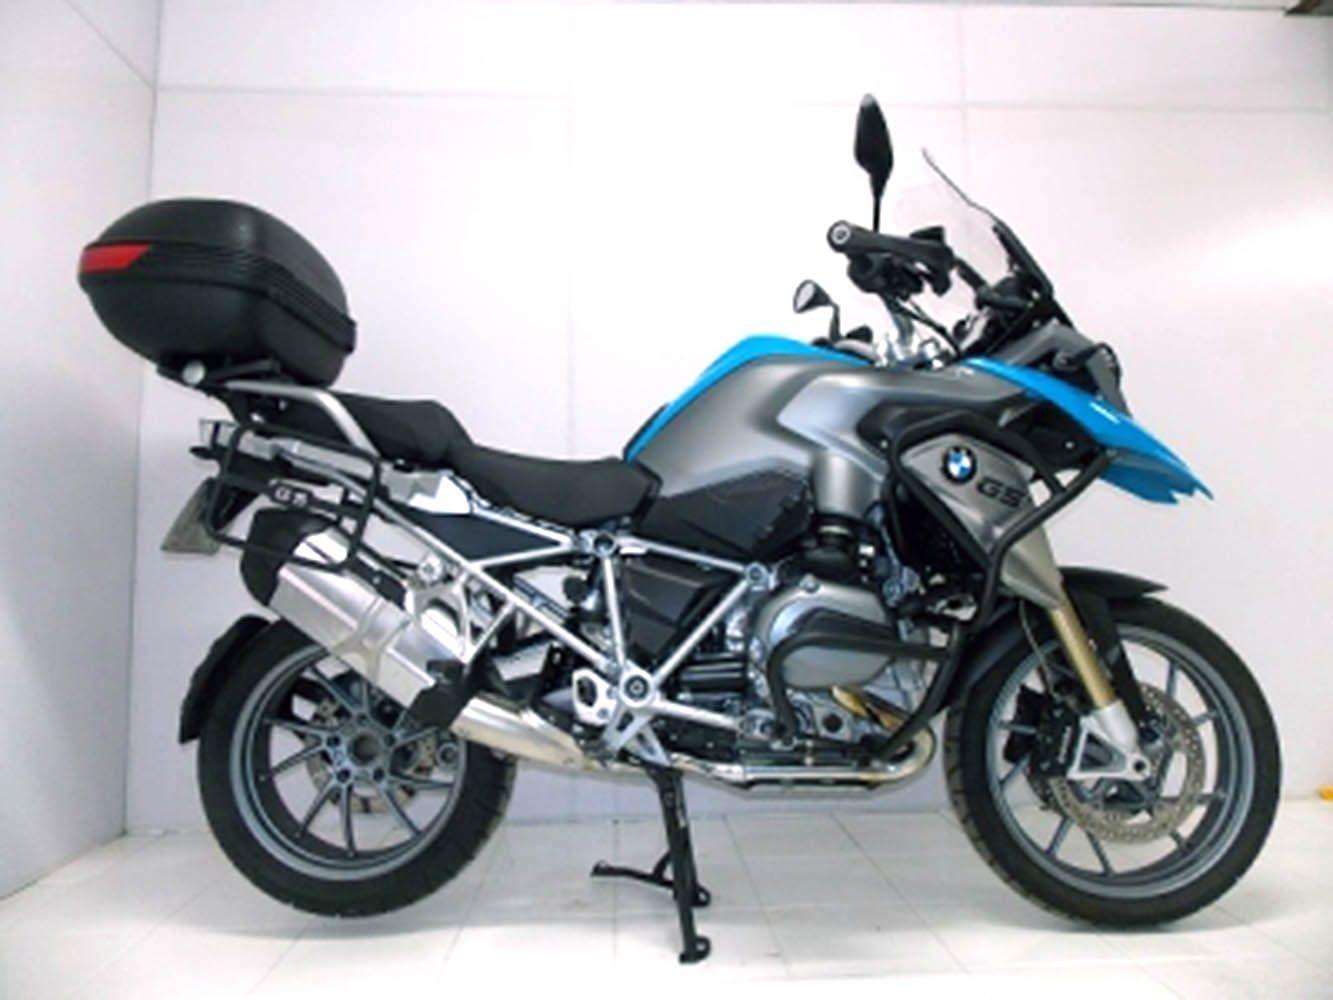 Protetor Motor Carenagem R 1200 Gs Sport Chapam 2013/ 891